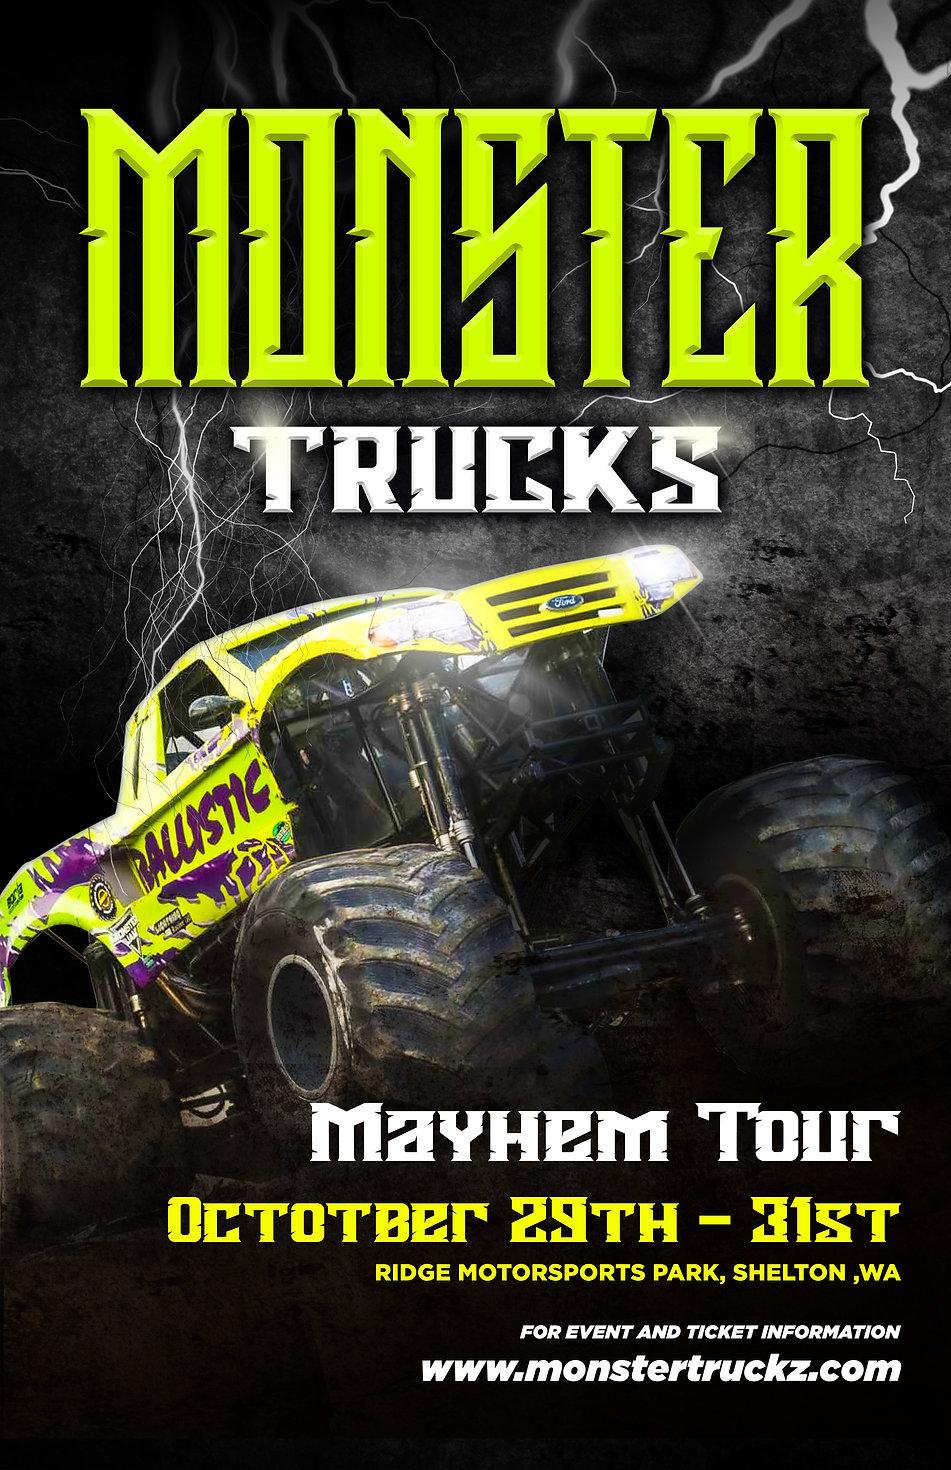 Monster Truck Ad.jpg